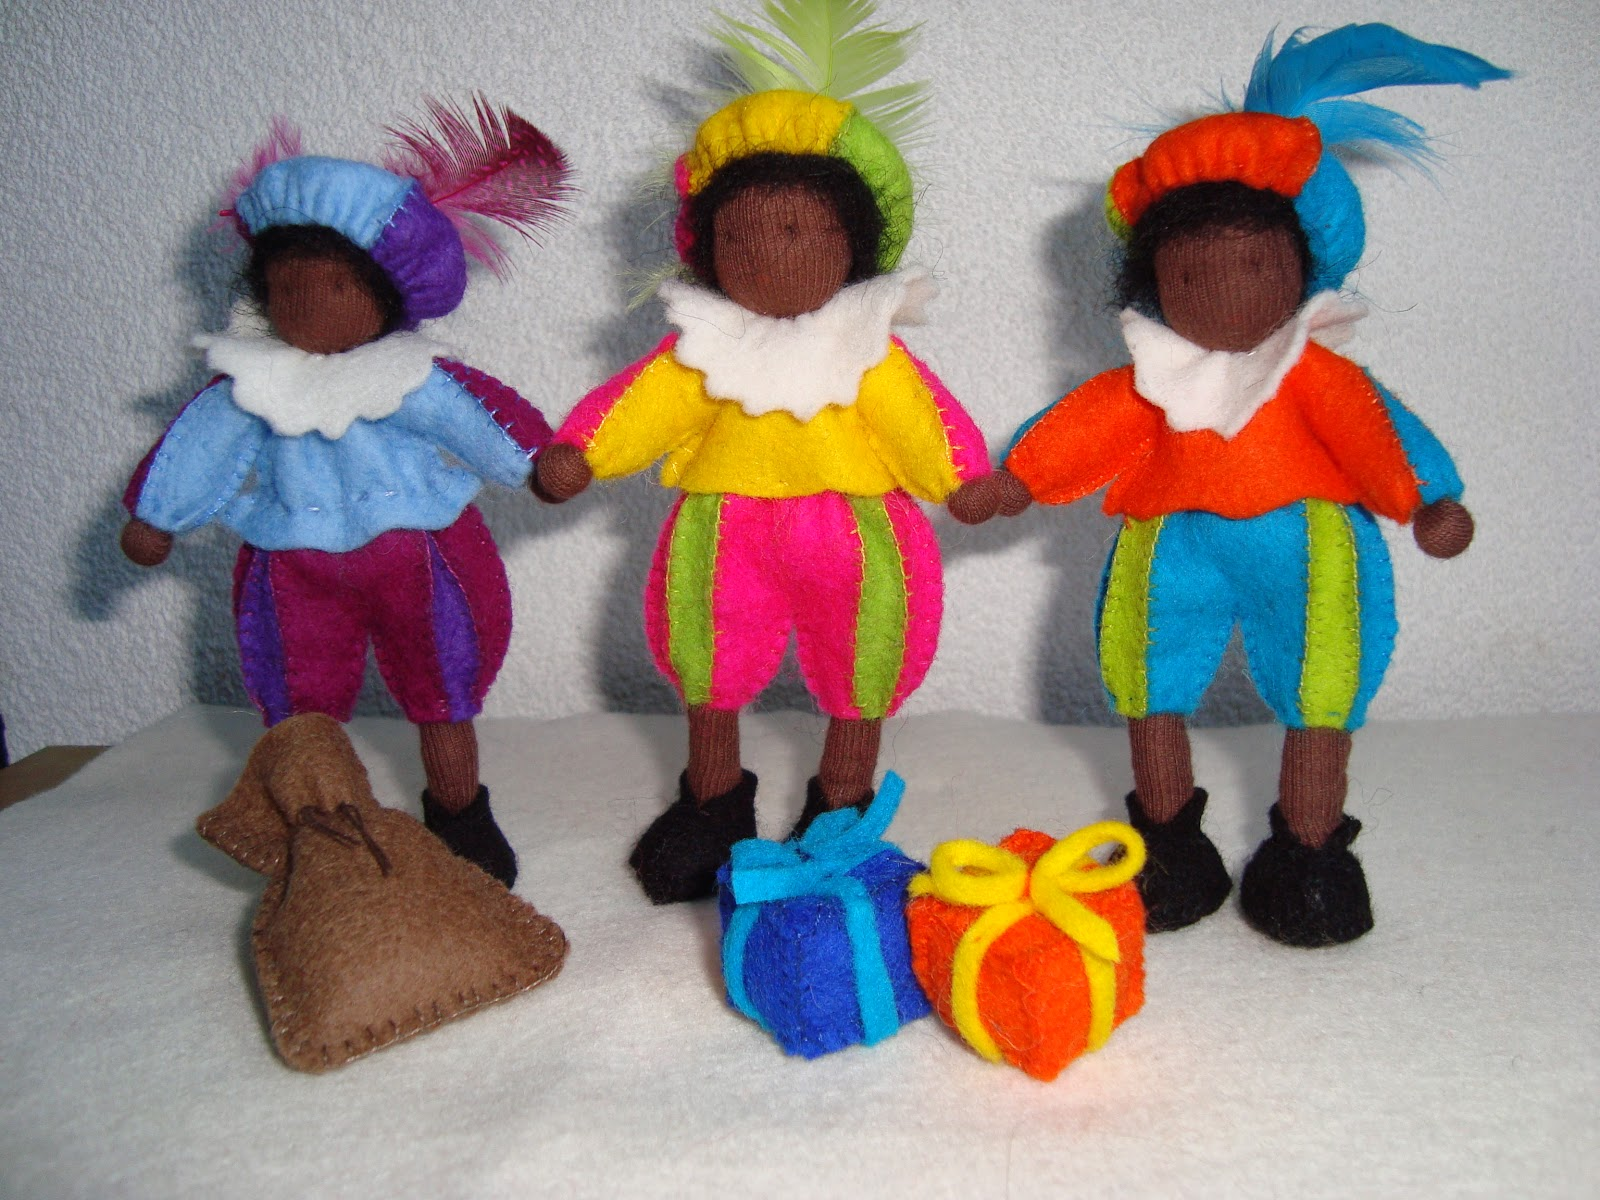 Evelyns Poppen Welkom Sinterklaas En Zwarte Pieten